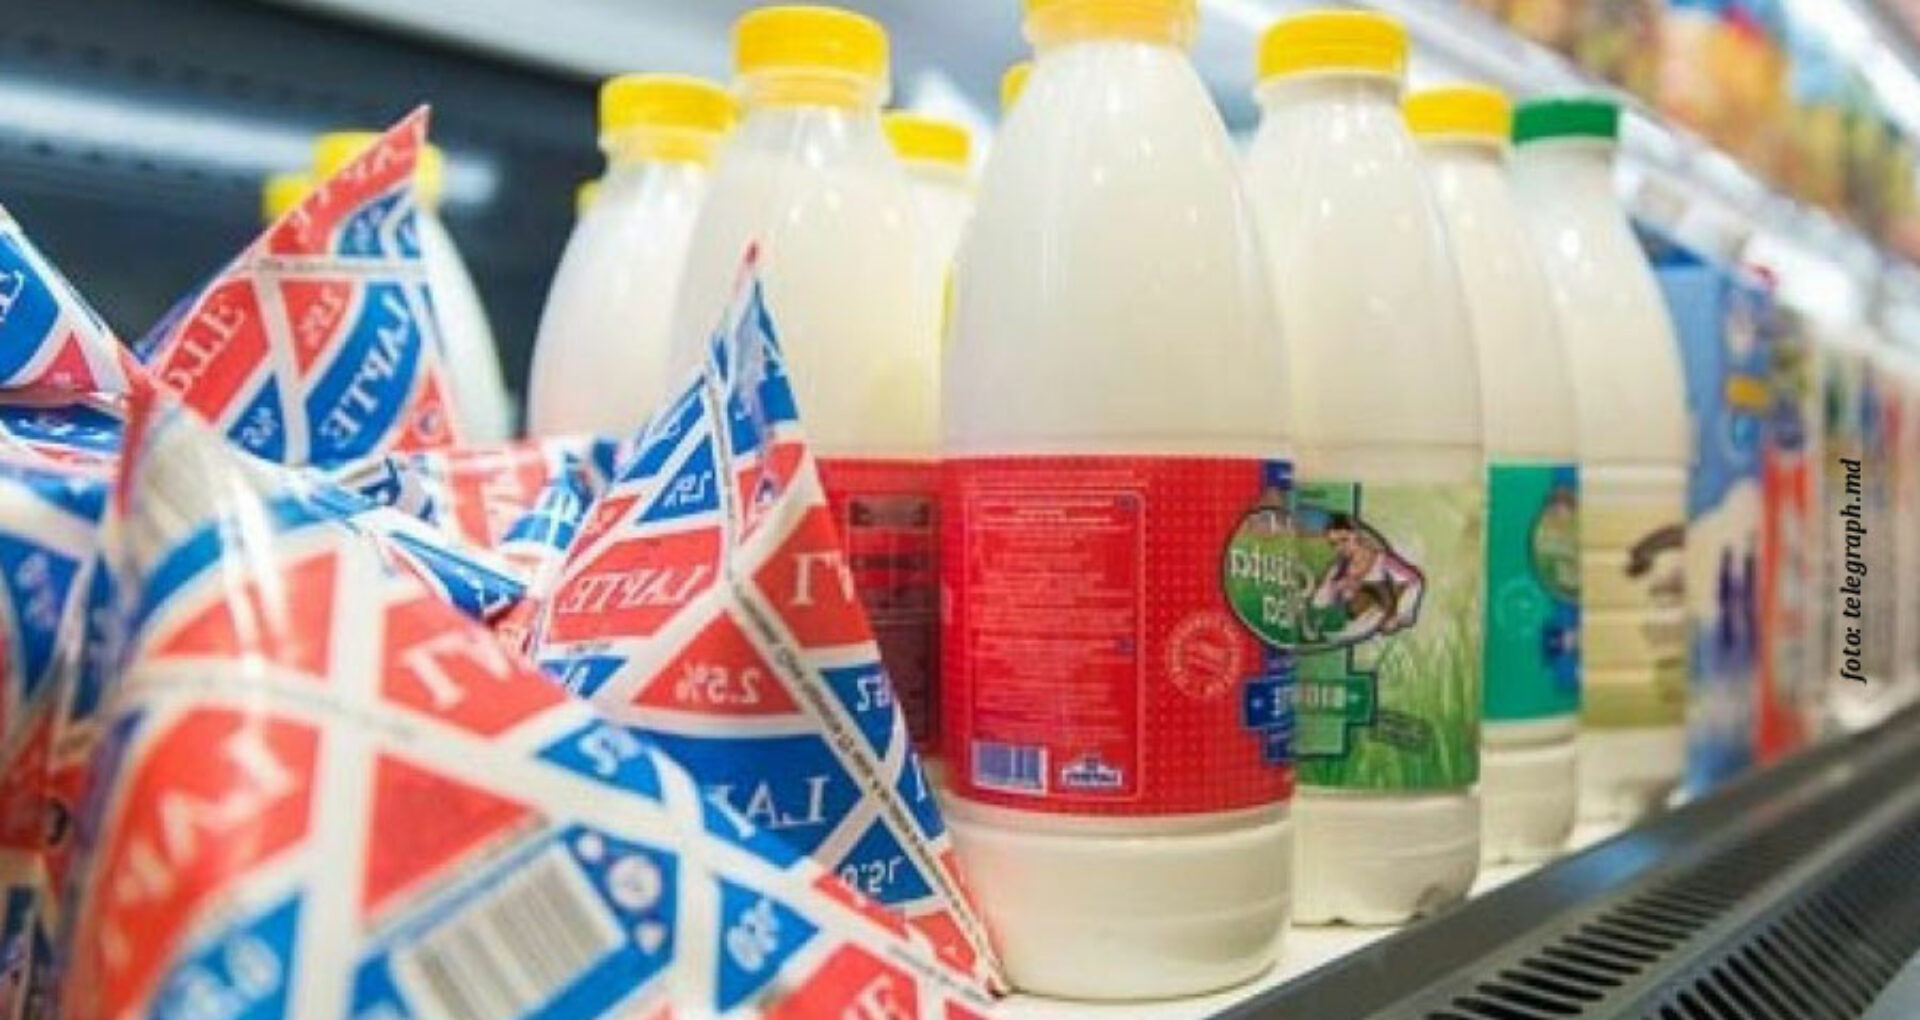 Stăpânii laptelui. Oamenii care gestionează cei mai mari producători de lactate din R. Moldova